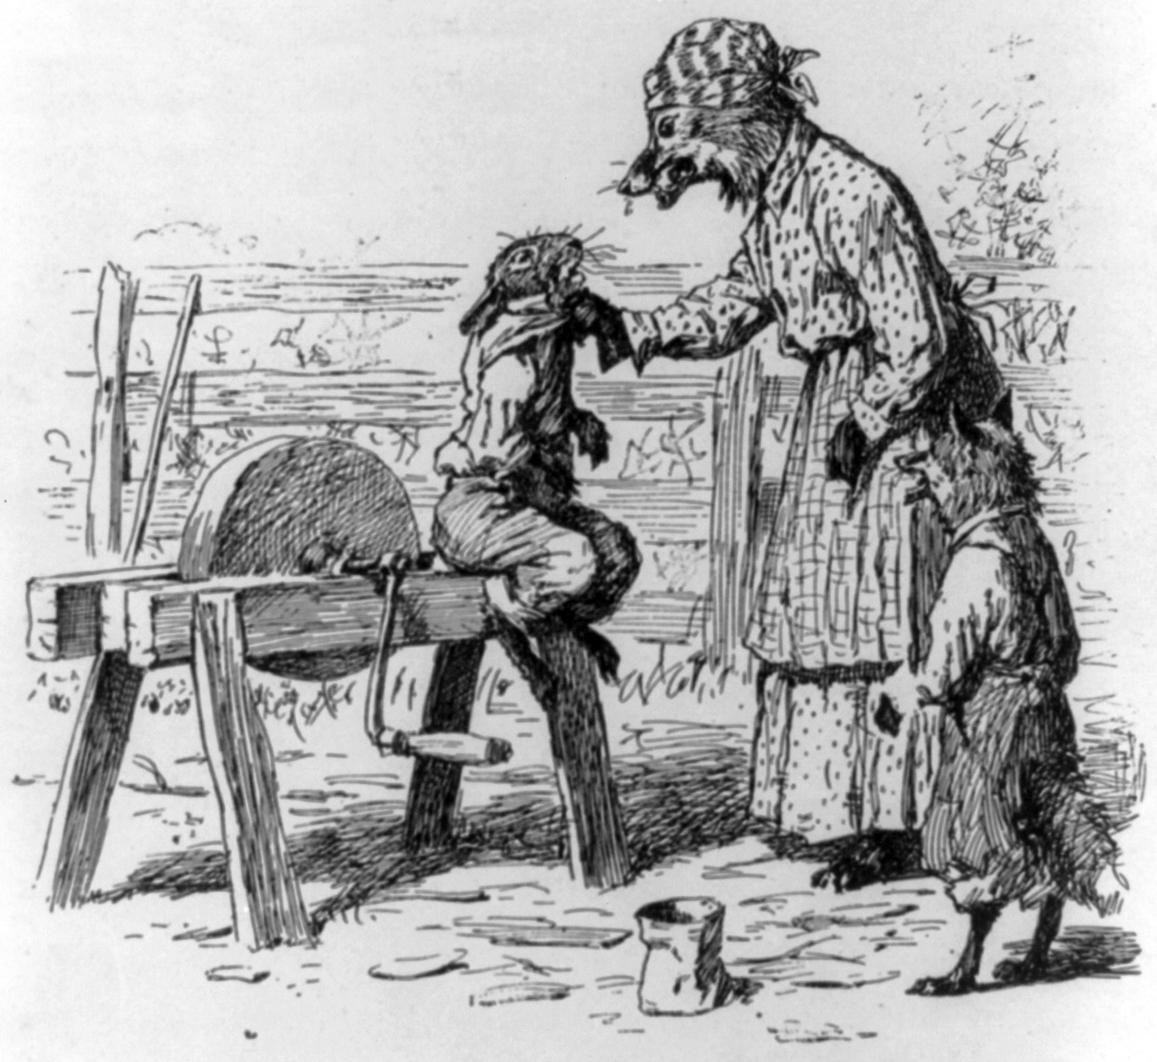 History of Brer Rabbit Holding Brer Rabbit by The